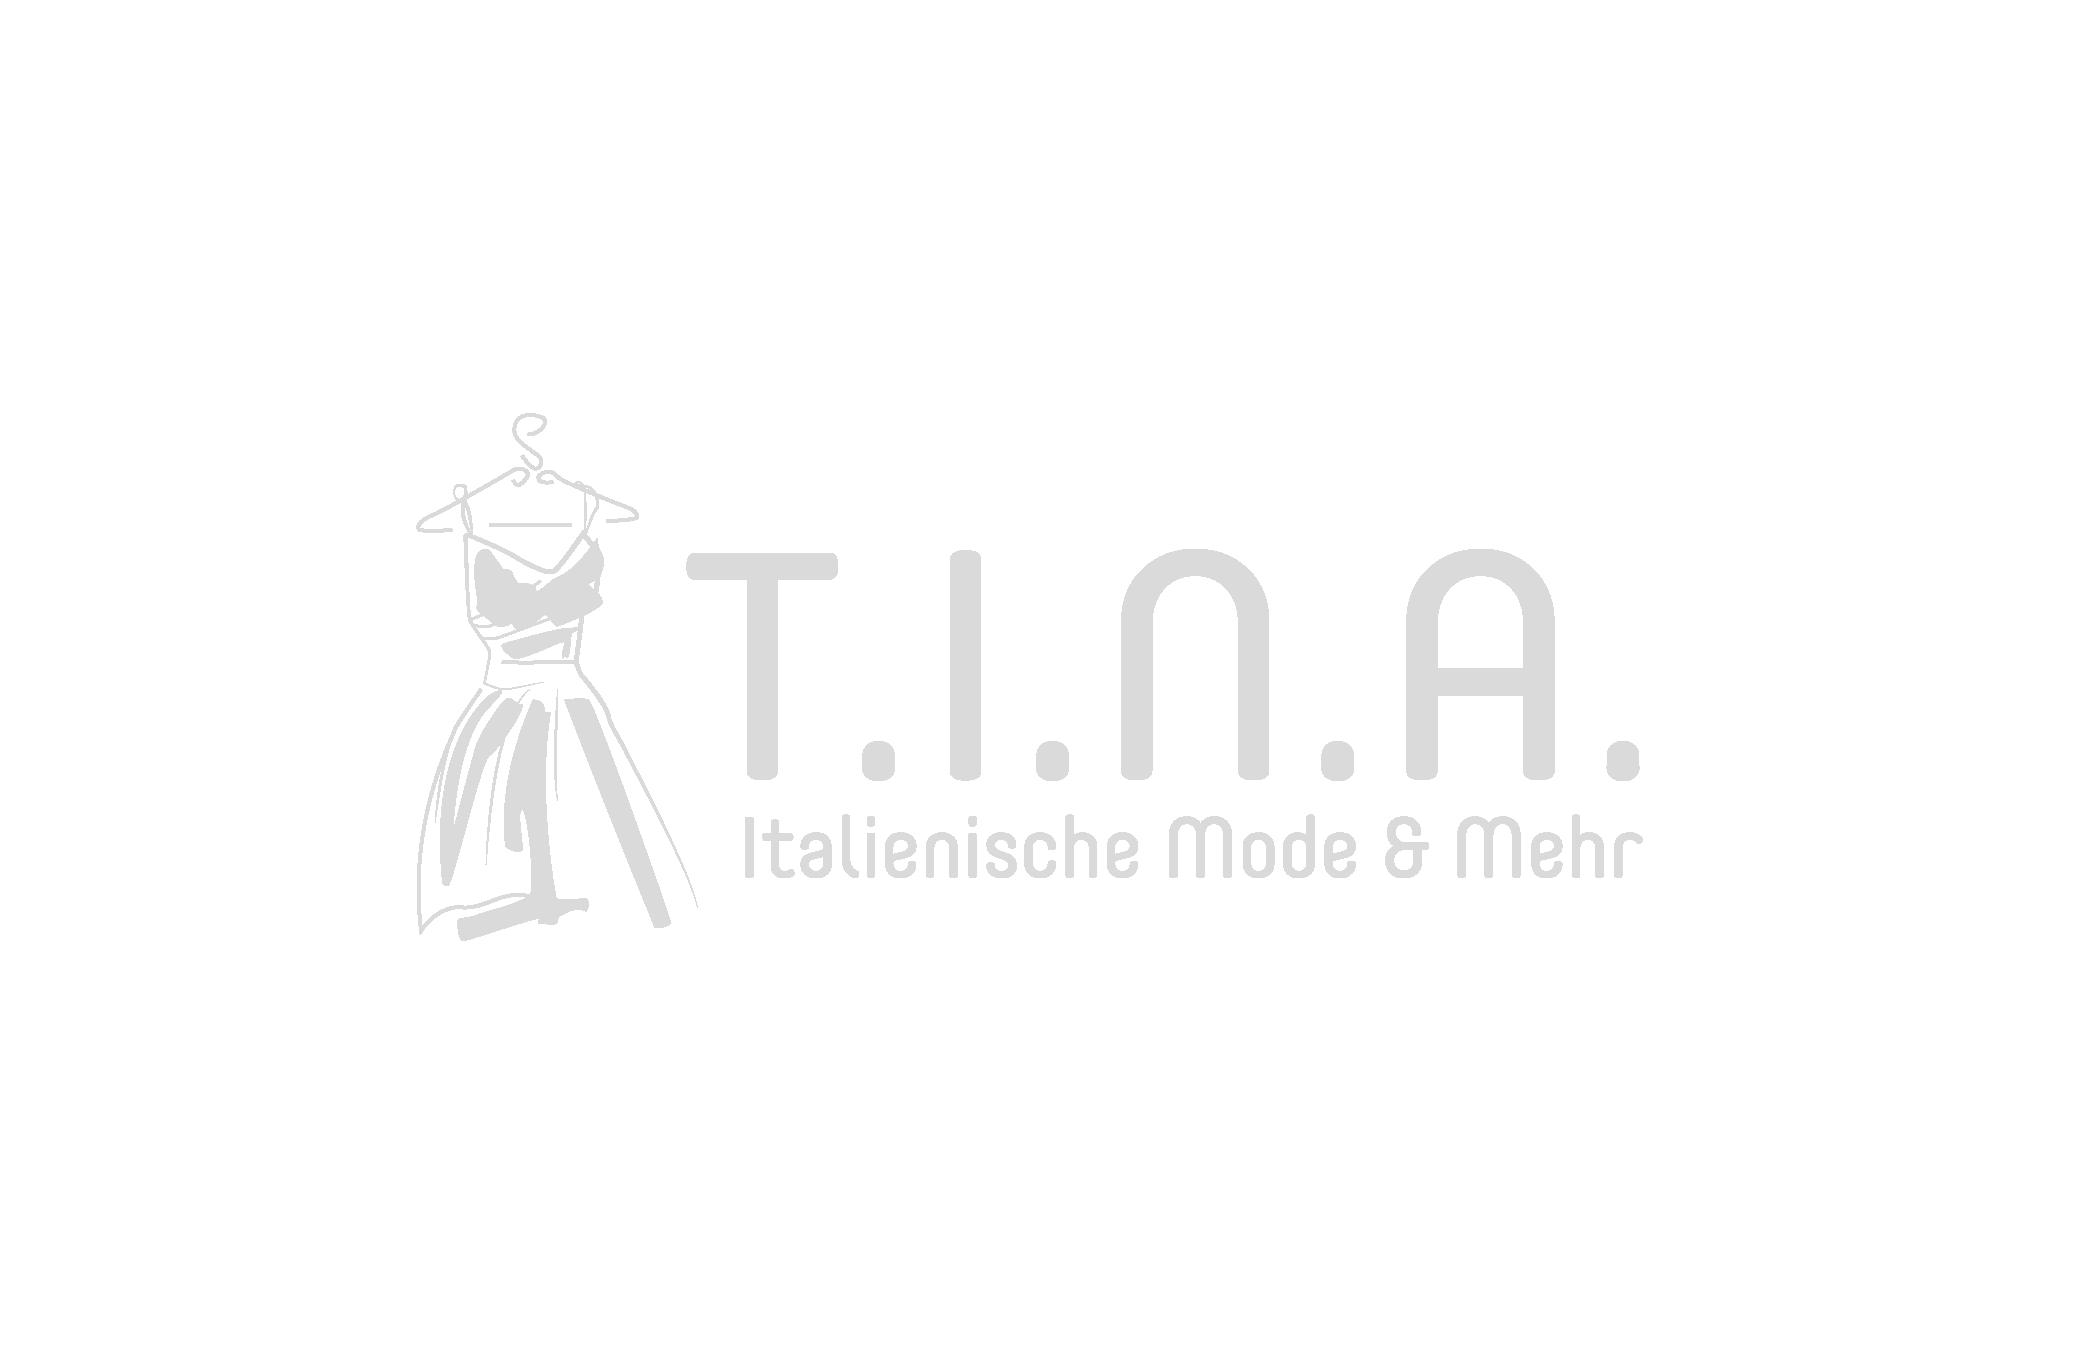 Tina italienische Mode und mehr